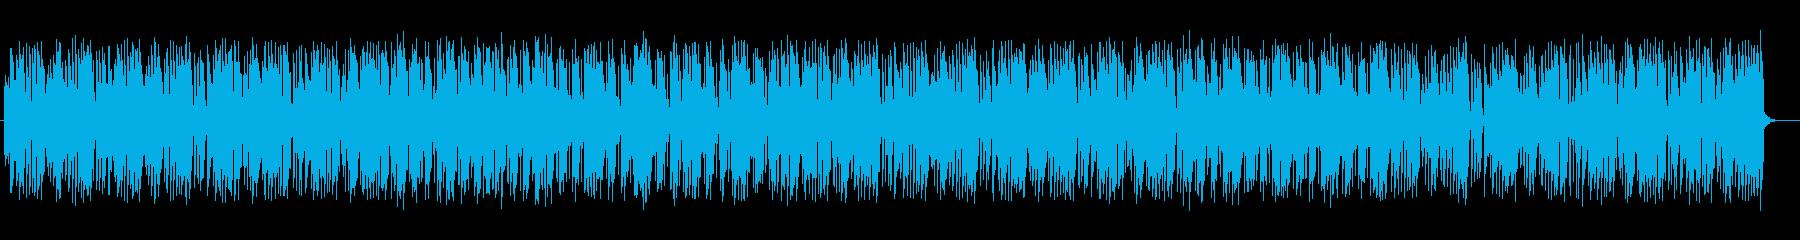 都会的なシンセのポップ曲の再生済みの波形